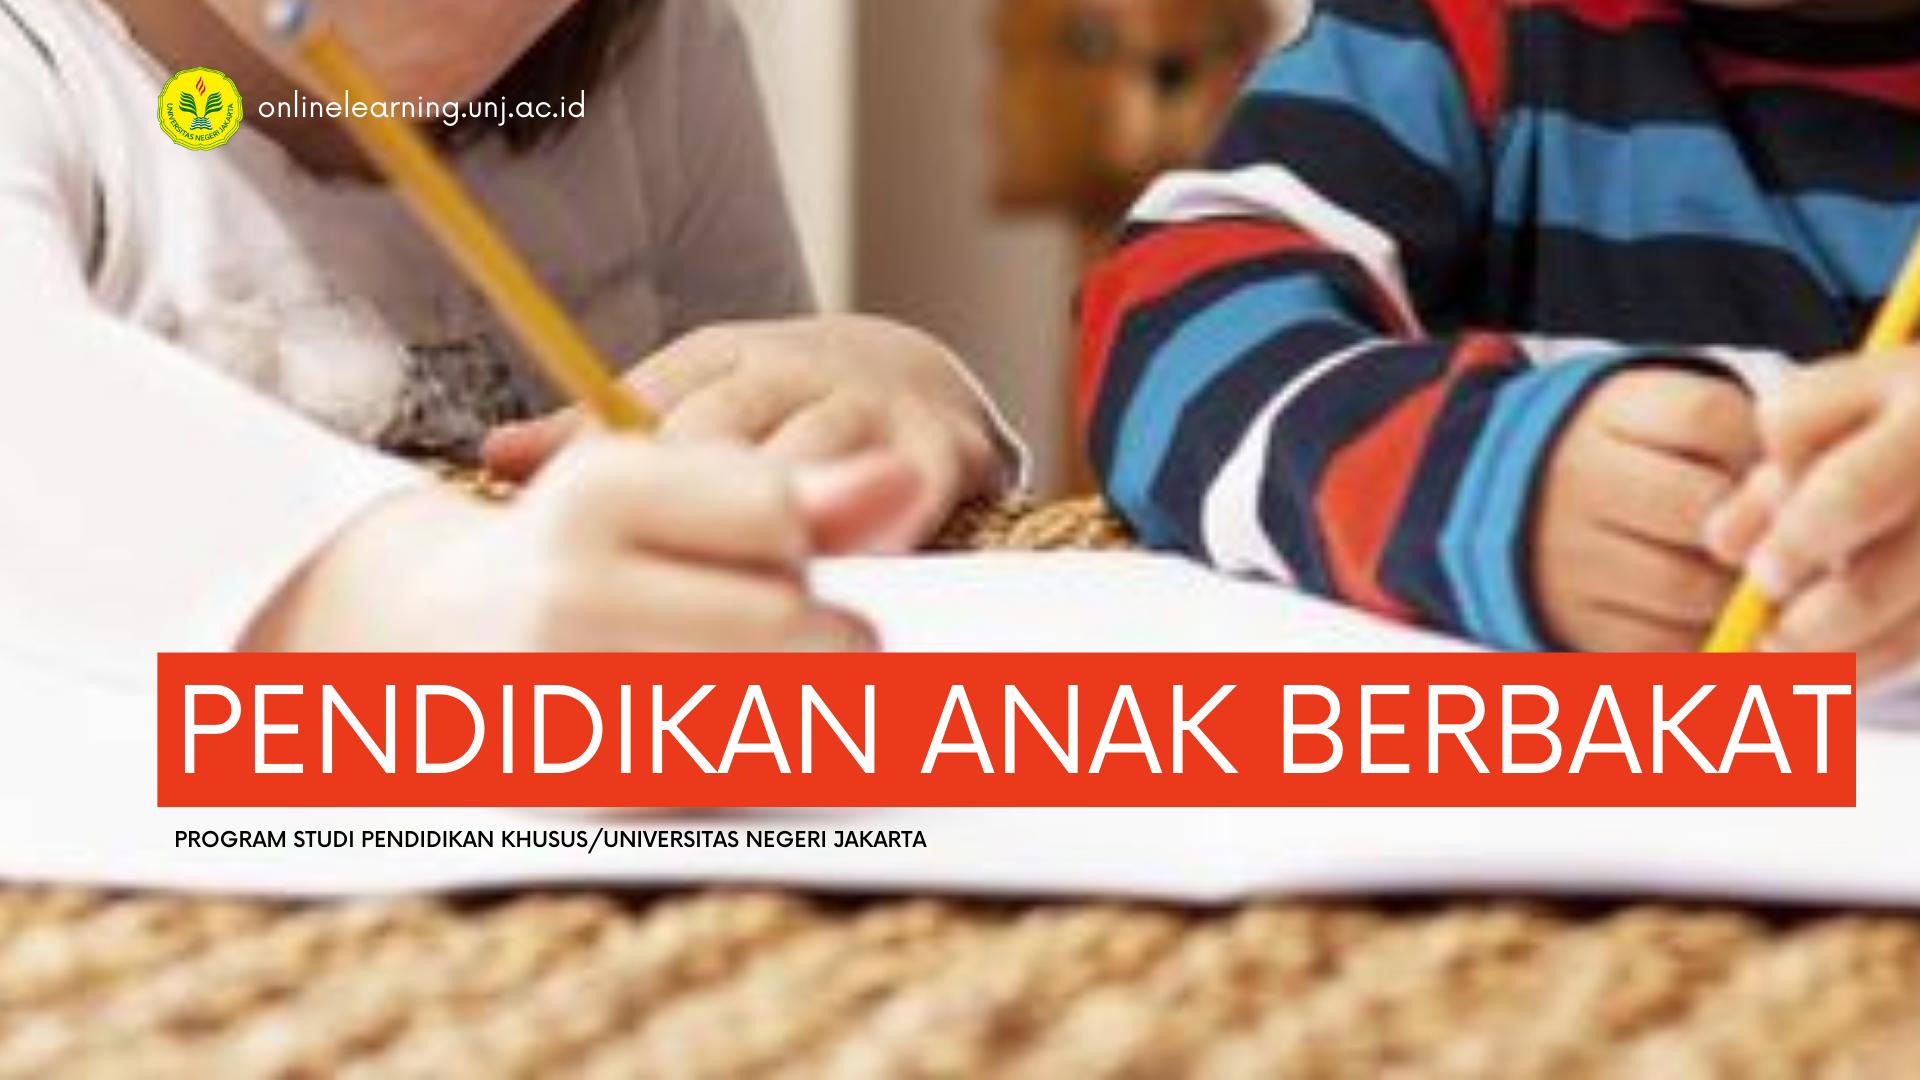 Pendidikan Anak Berbakat